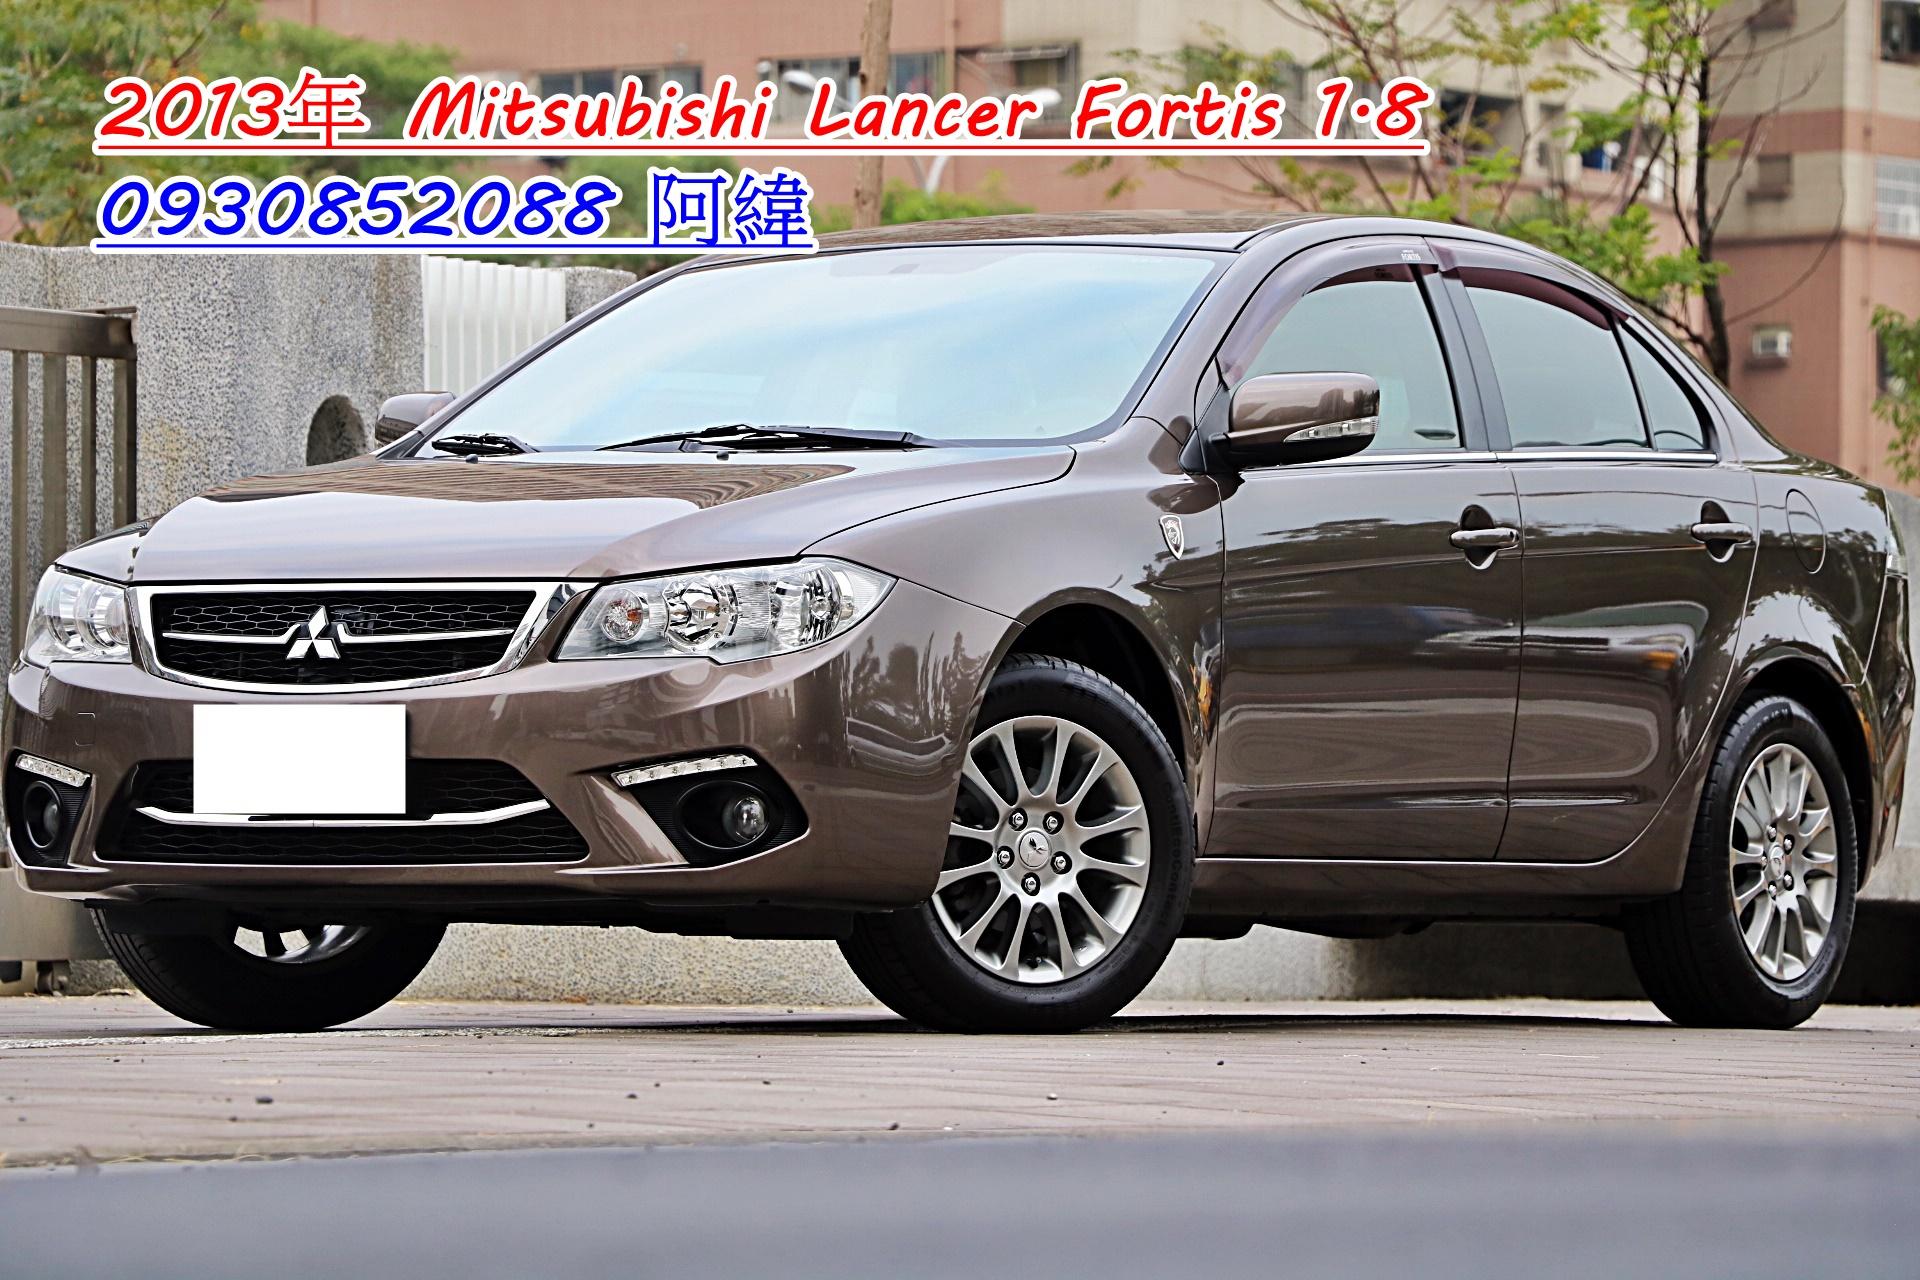 2013 Mitsubishi Lancer fortis